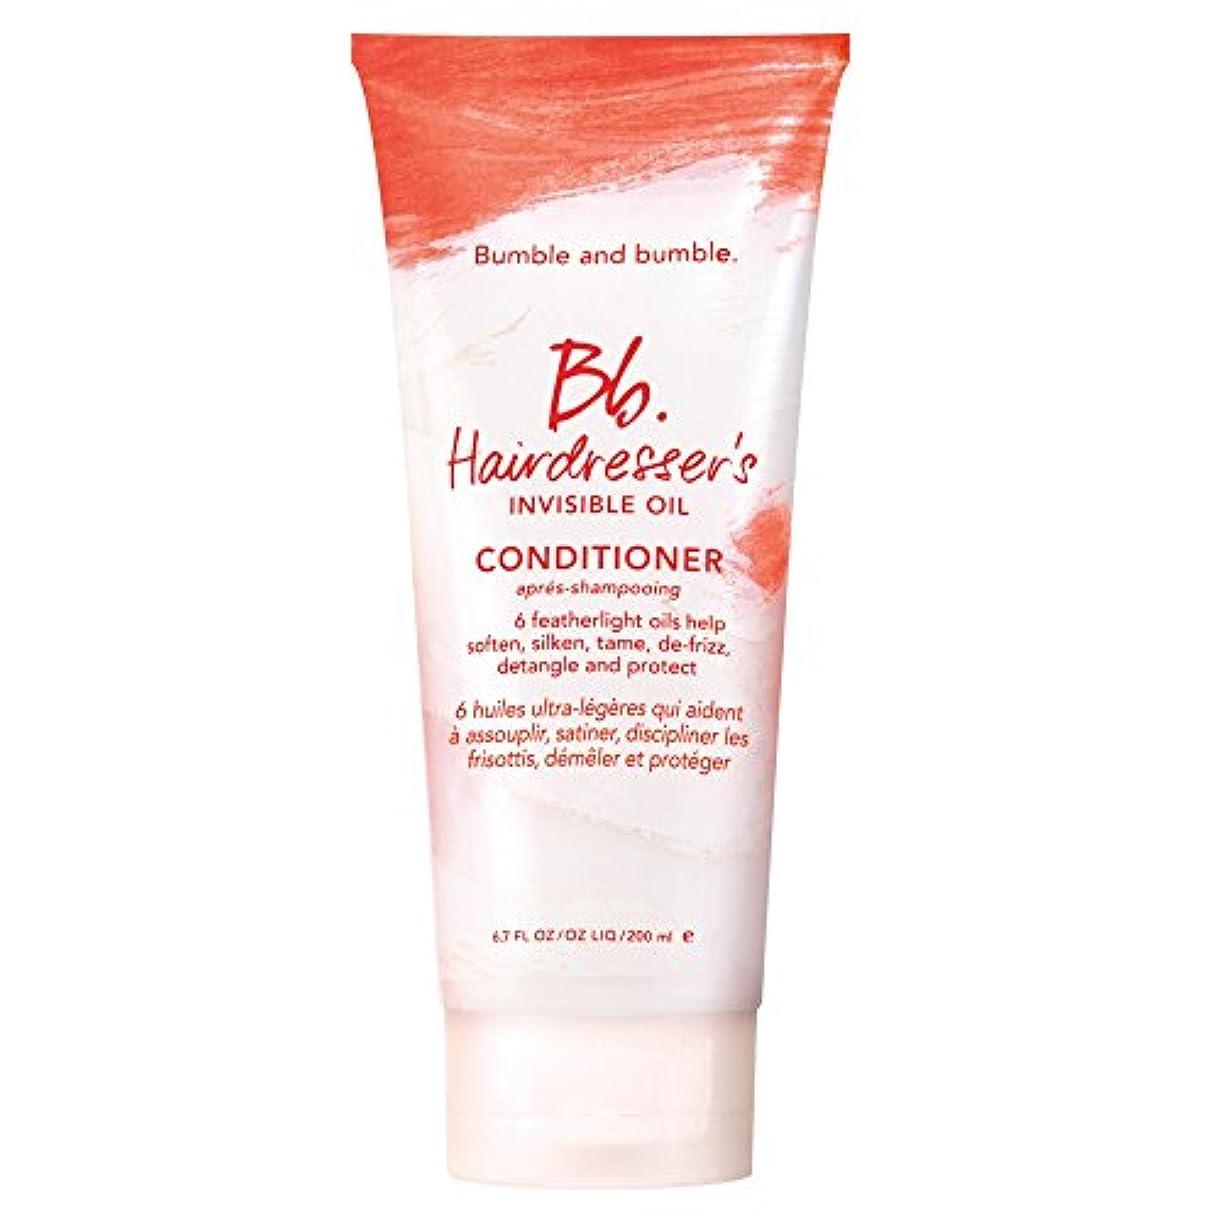 半島ワットなめらかなバンブルアンドバンブル美容見えないオイルコンディショナー200ミリリットル (Bumble and bumble) - Bumble and bumble Hairdressers invisible oil conditioner...